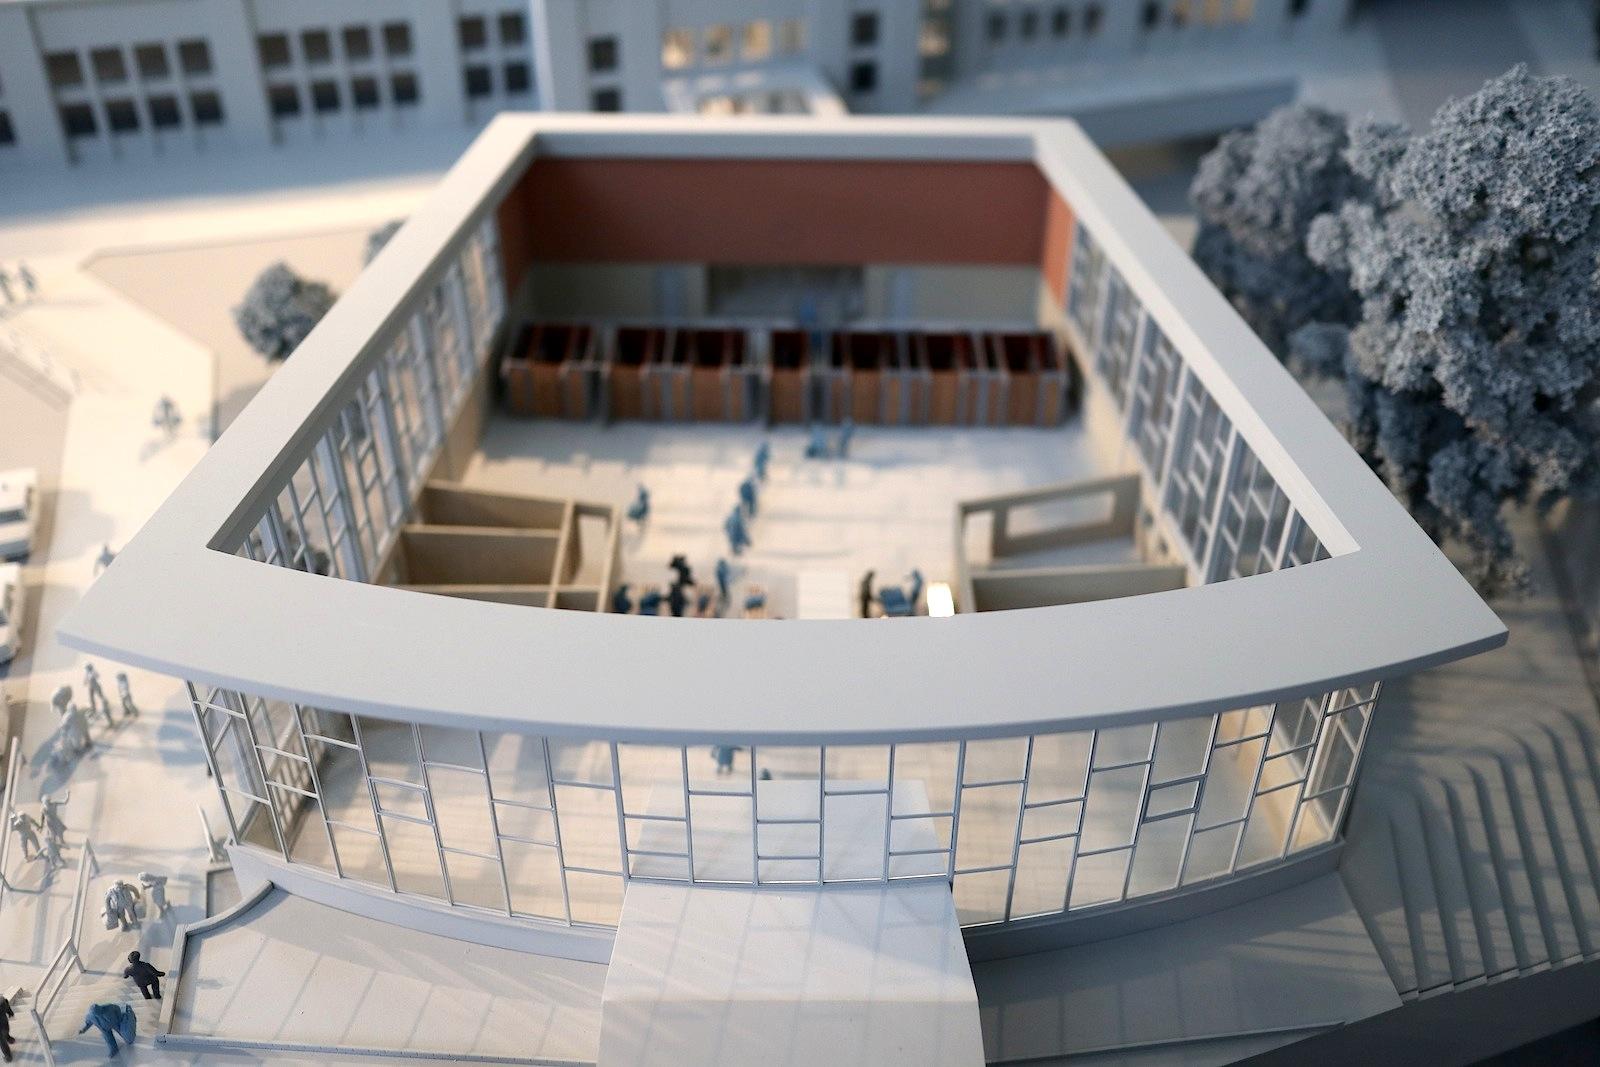 Tränenpalast. Modell mit Bahnhof Friedrichstraße